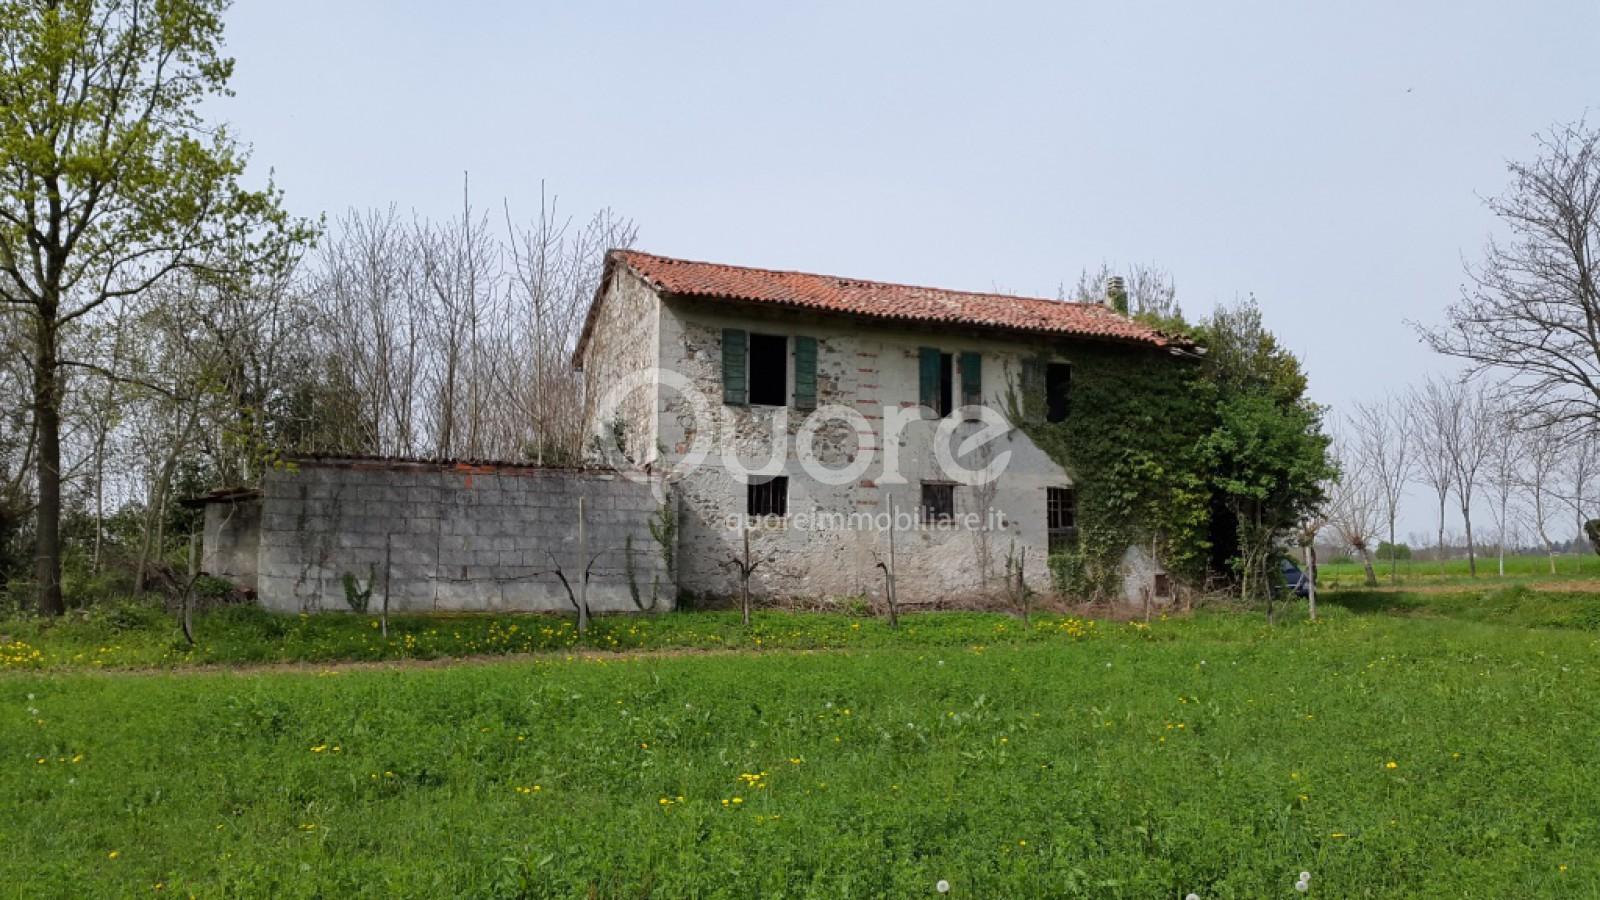 Rustico / Casale in vendita a Pagnacco, 8 locali, prezzo € 80.000 | CambioCasa.it